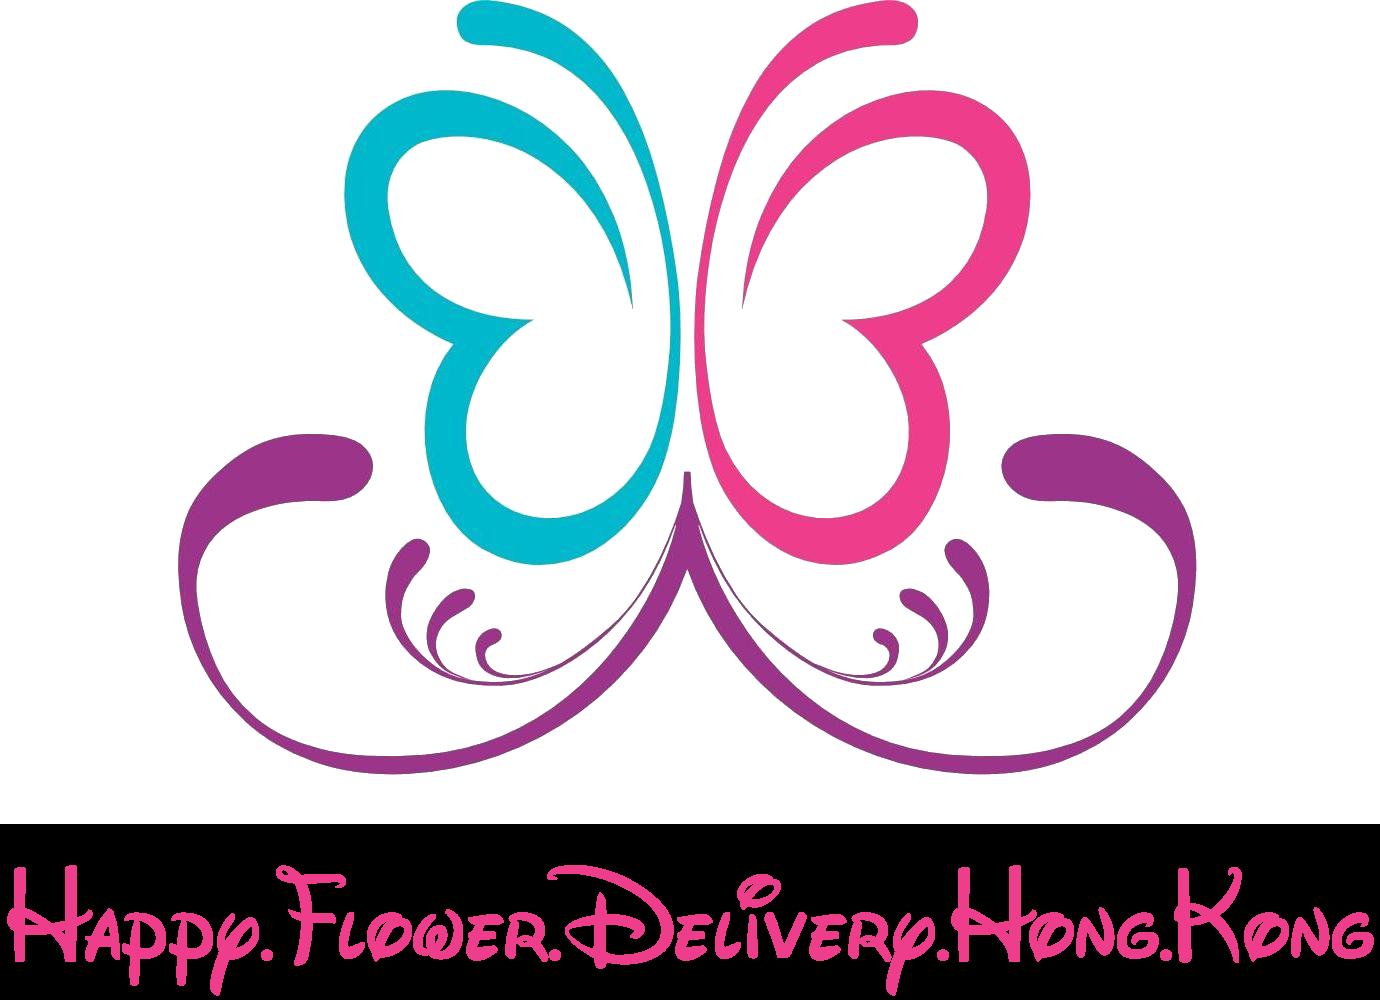 上傳與分享您的照片 A free image hosting service powered by 開心送花香港專門花店 Happy Flower House ---- Flower Delivery Hong Kong ----